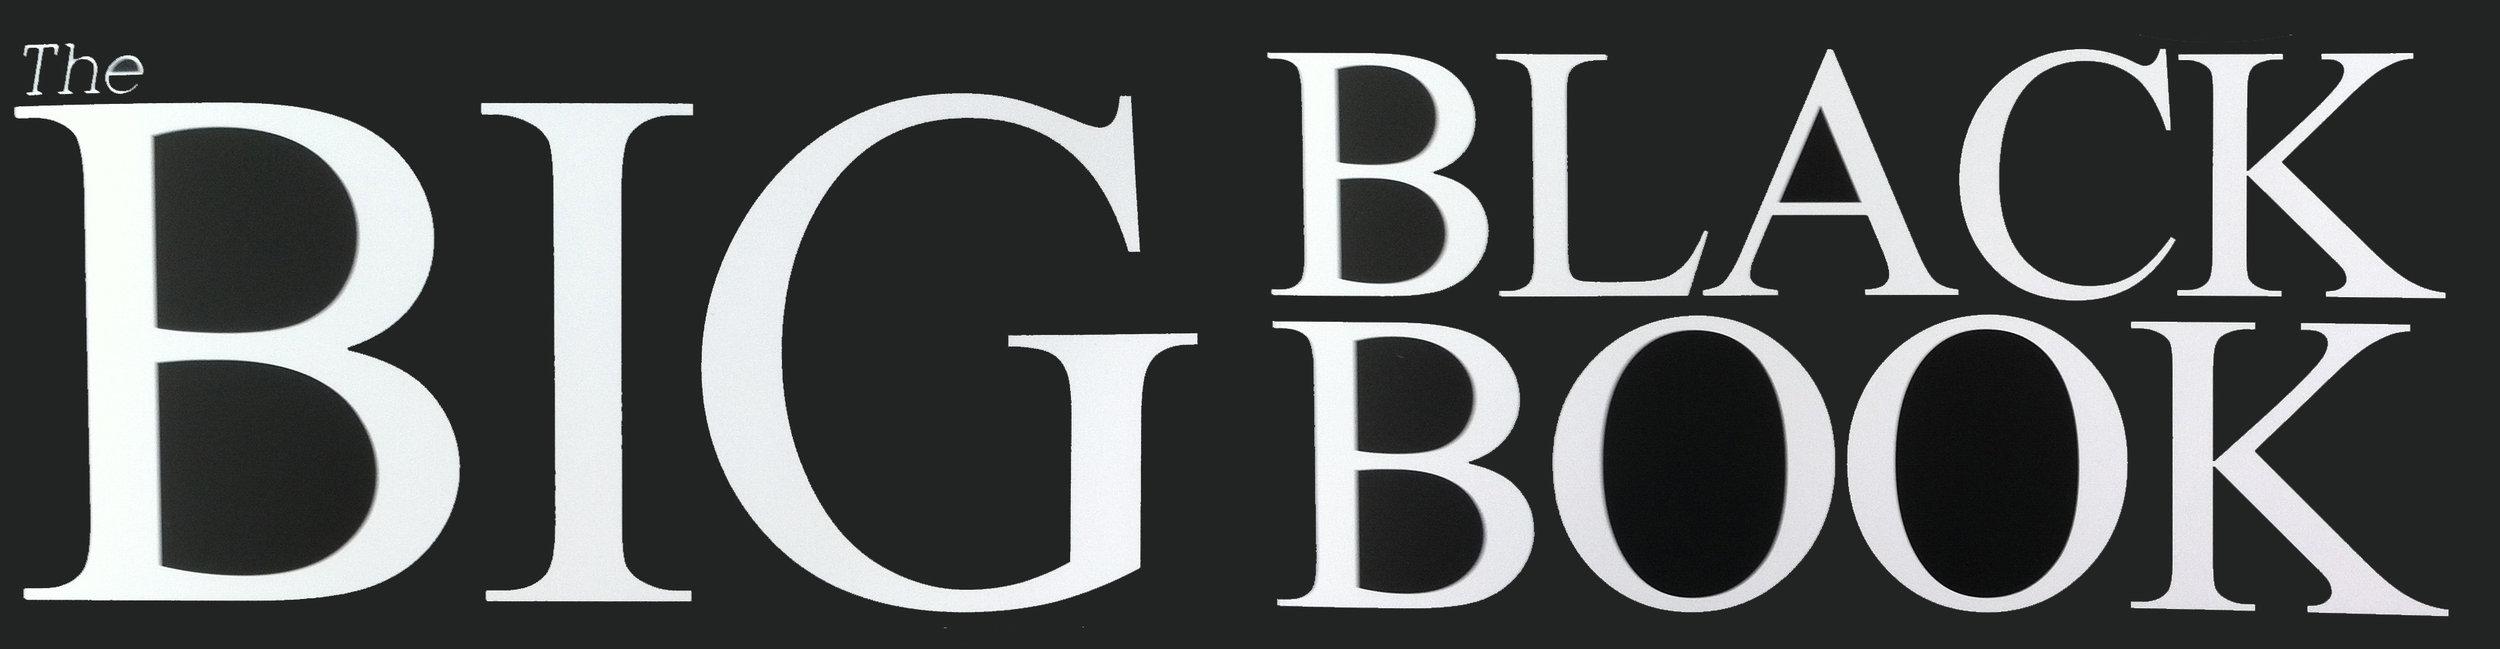 Big Black Book logo.jpg